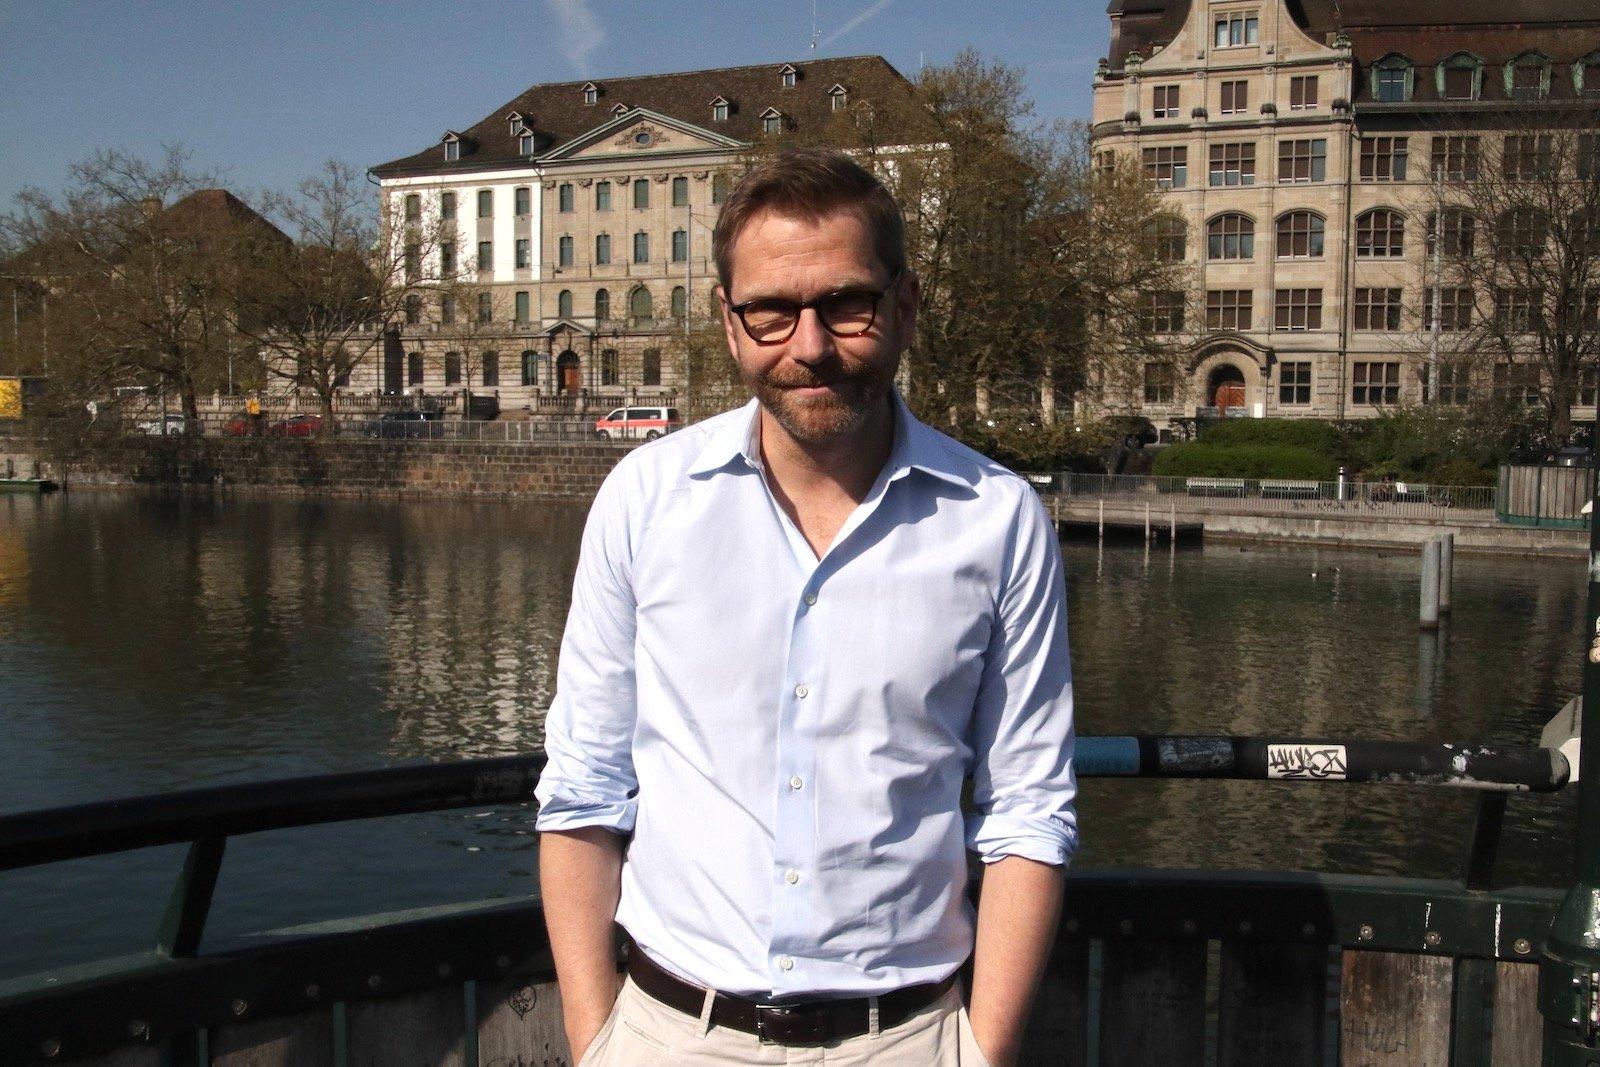 Samuel Streiff diesmal mit Brille und – passend zur Serienrolle – dem Polizeiposten im Hintergrund.